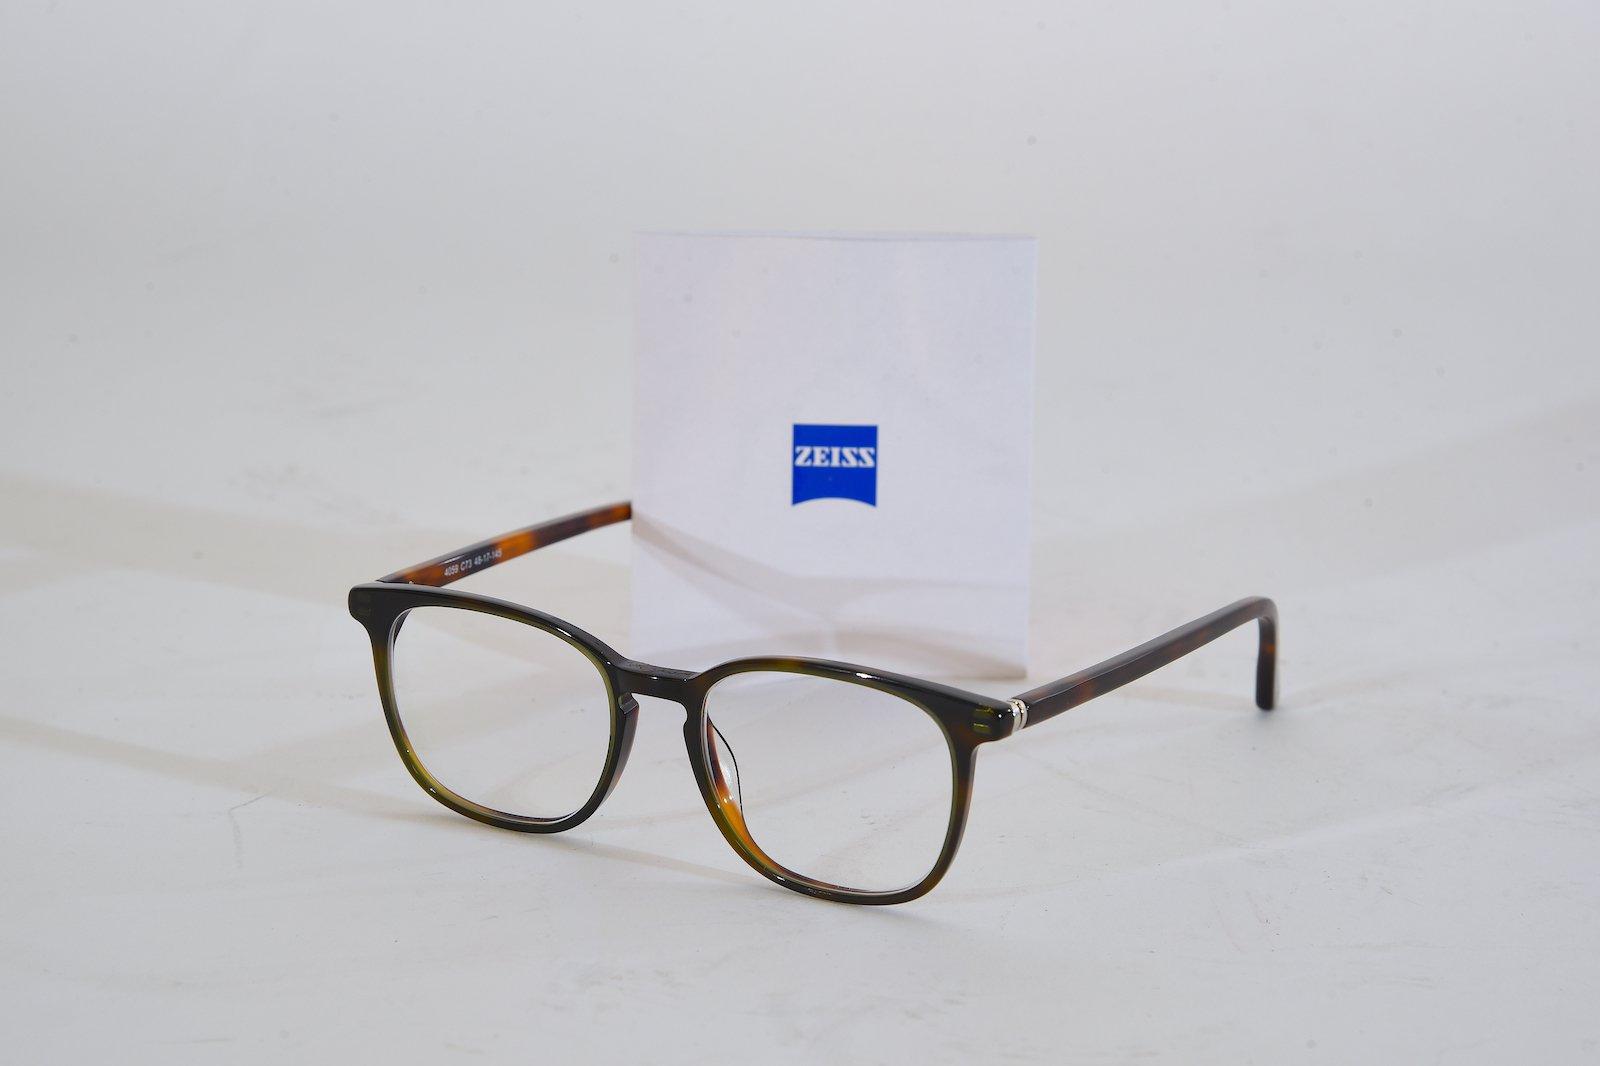 Zeiss DriveSafe lenses